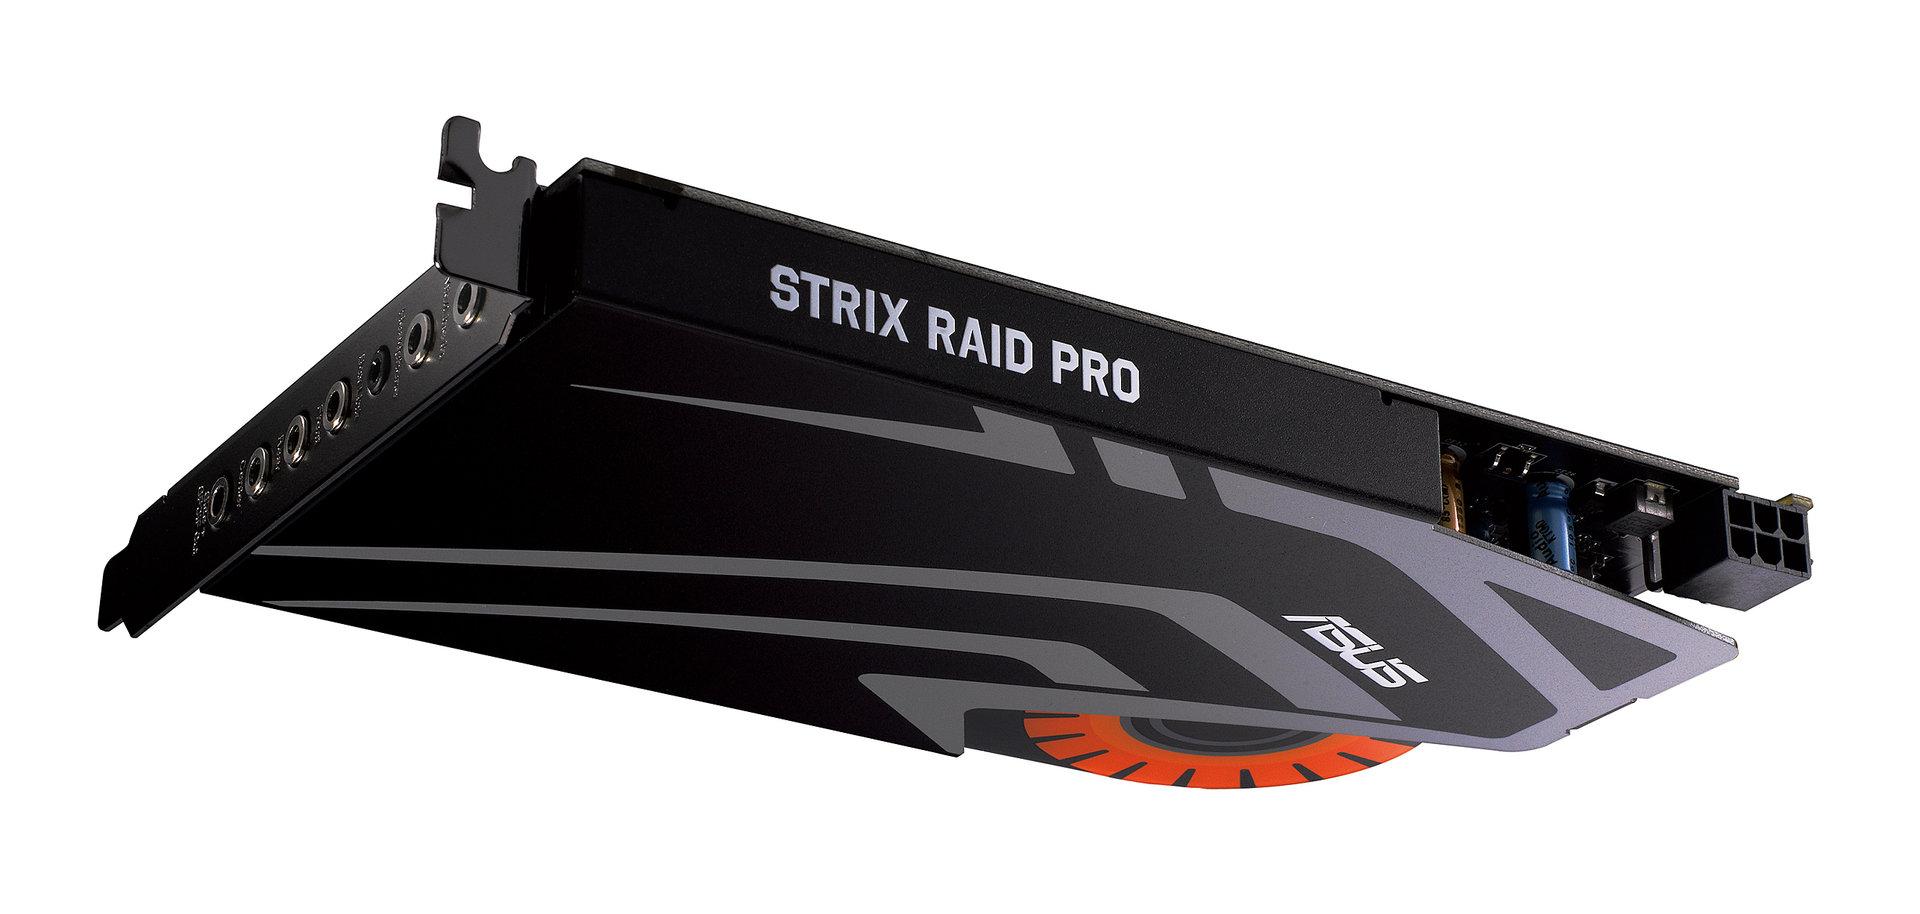 Asus Strix Raid Pro mit 600-Ohm-Kopfhörerverstärker